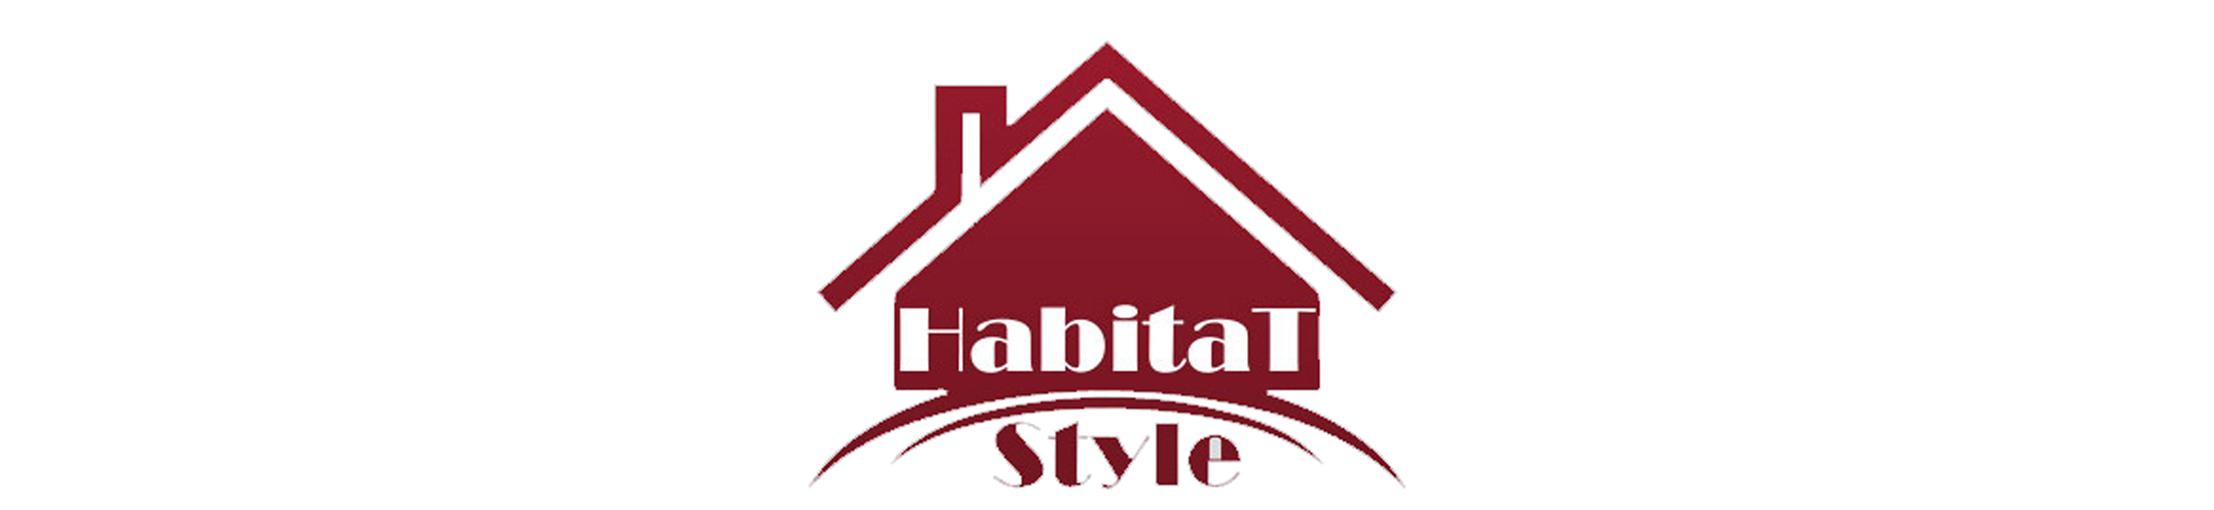 bandeau_habitatstyle